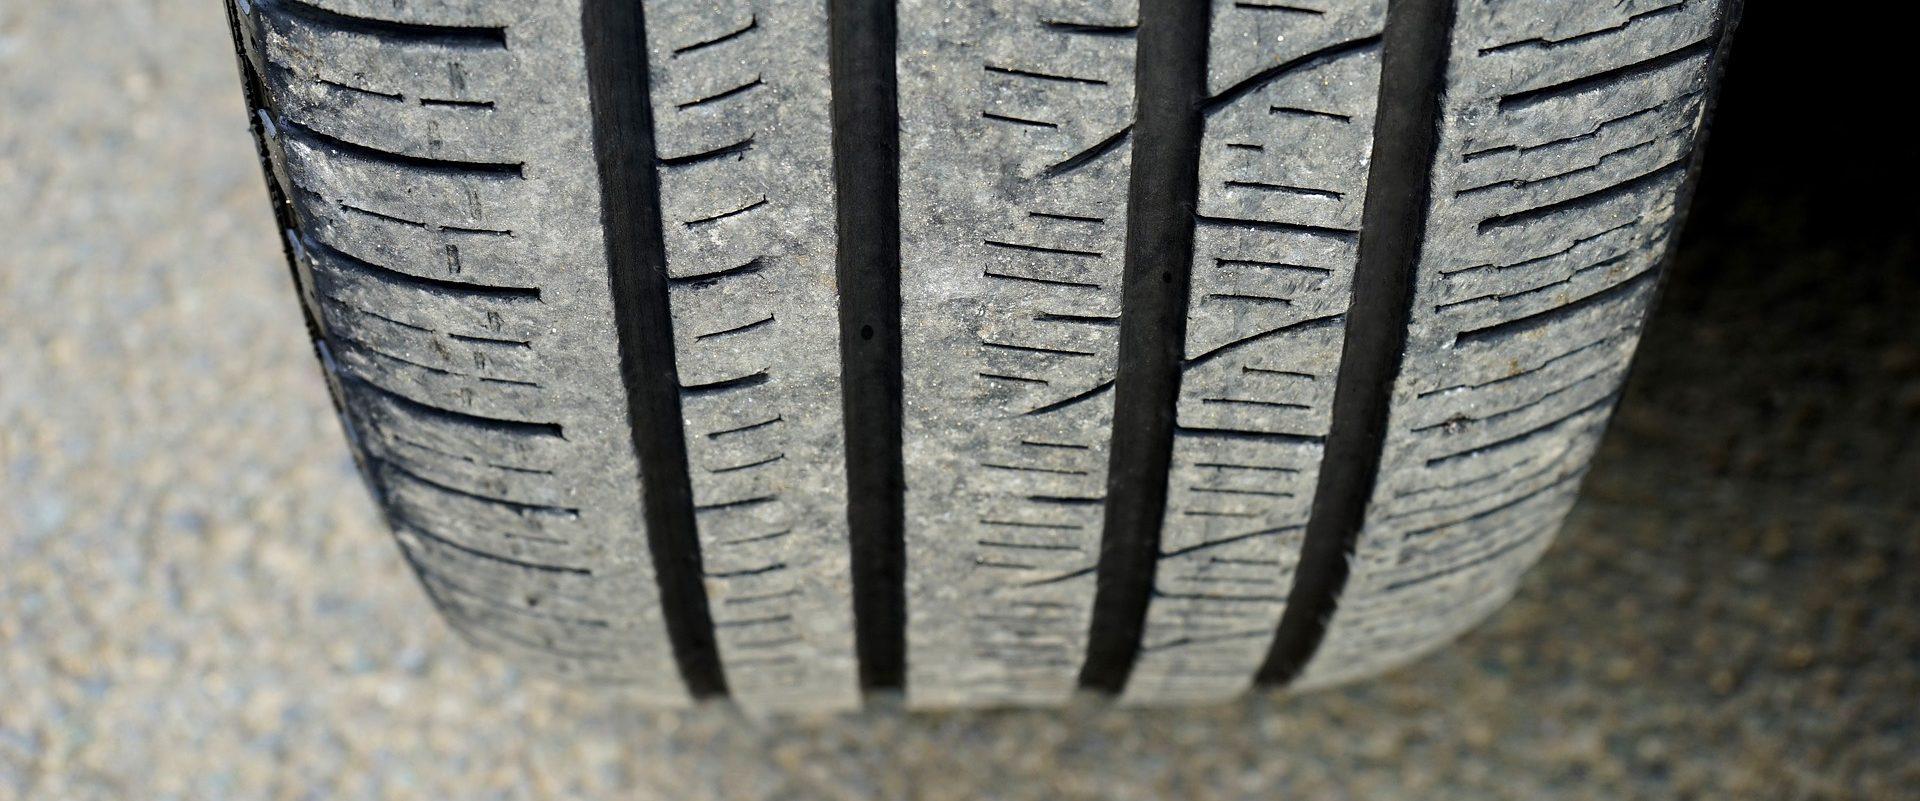 Auto Opat - Jak spolehlivě určit hloubku dezénu pneumatiky